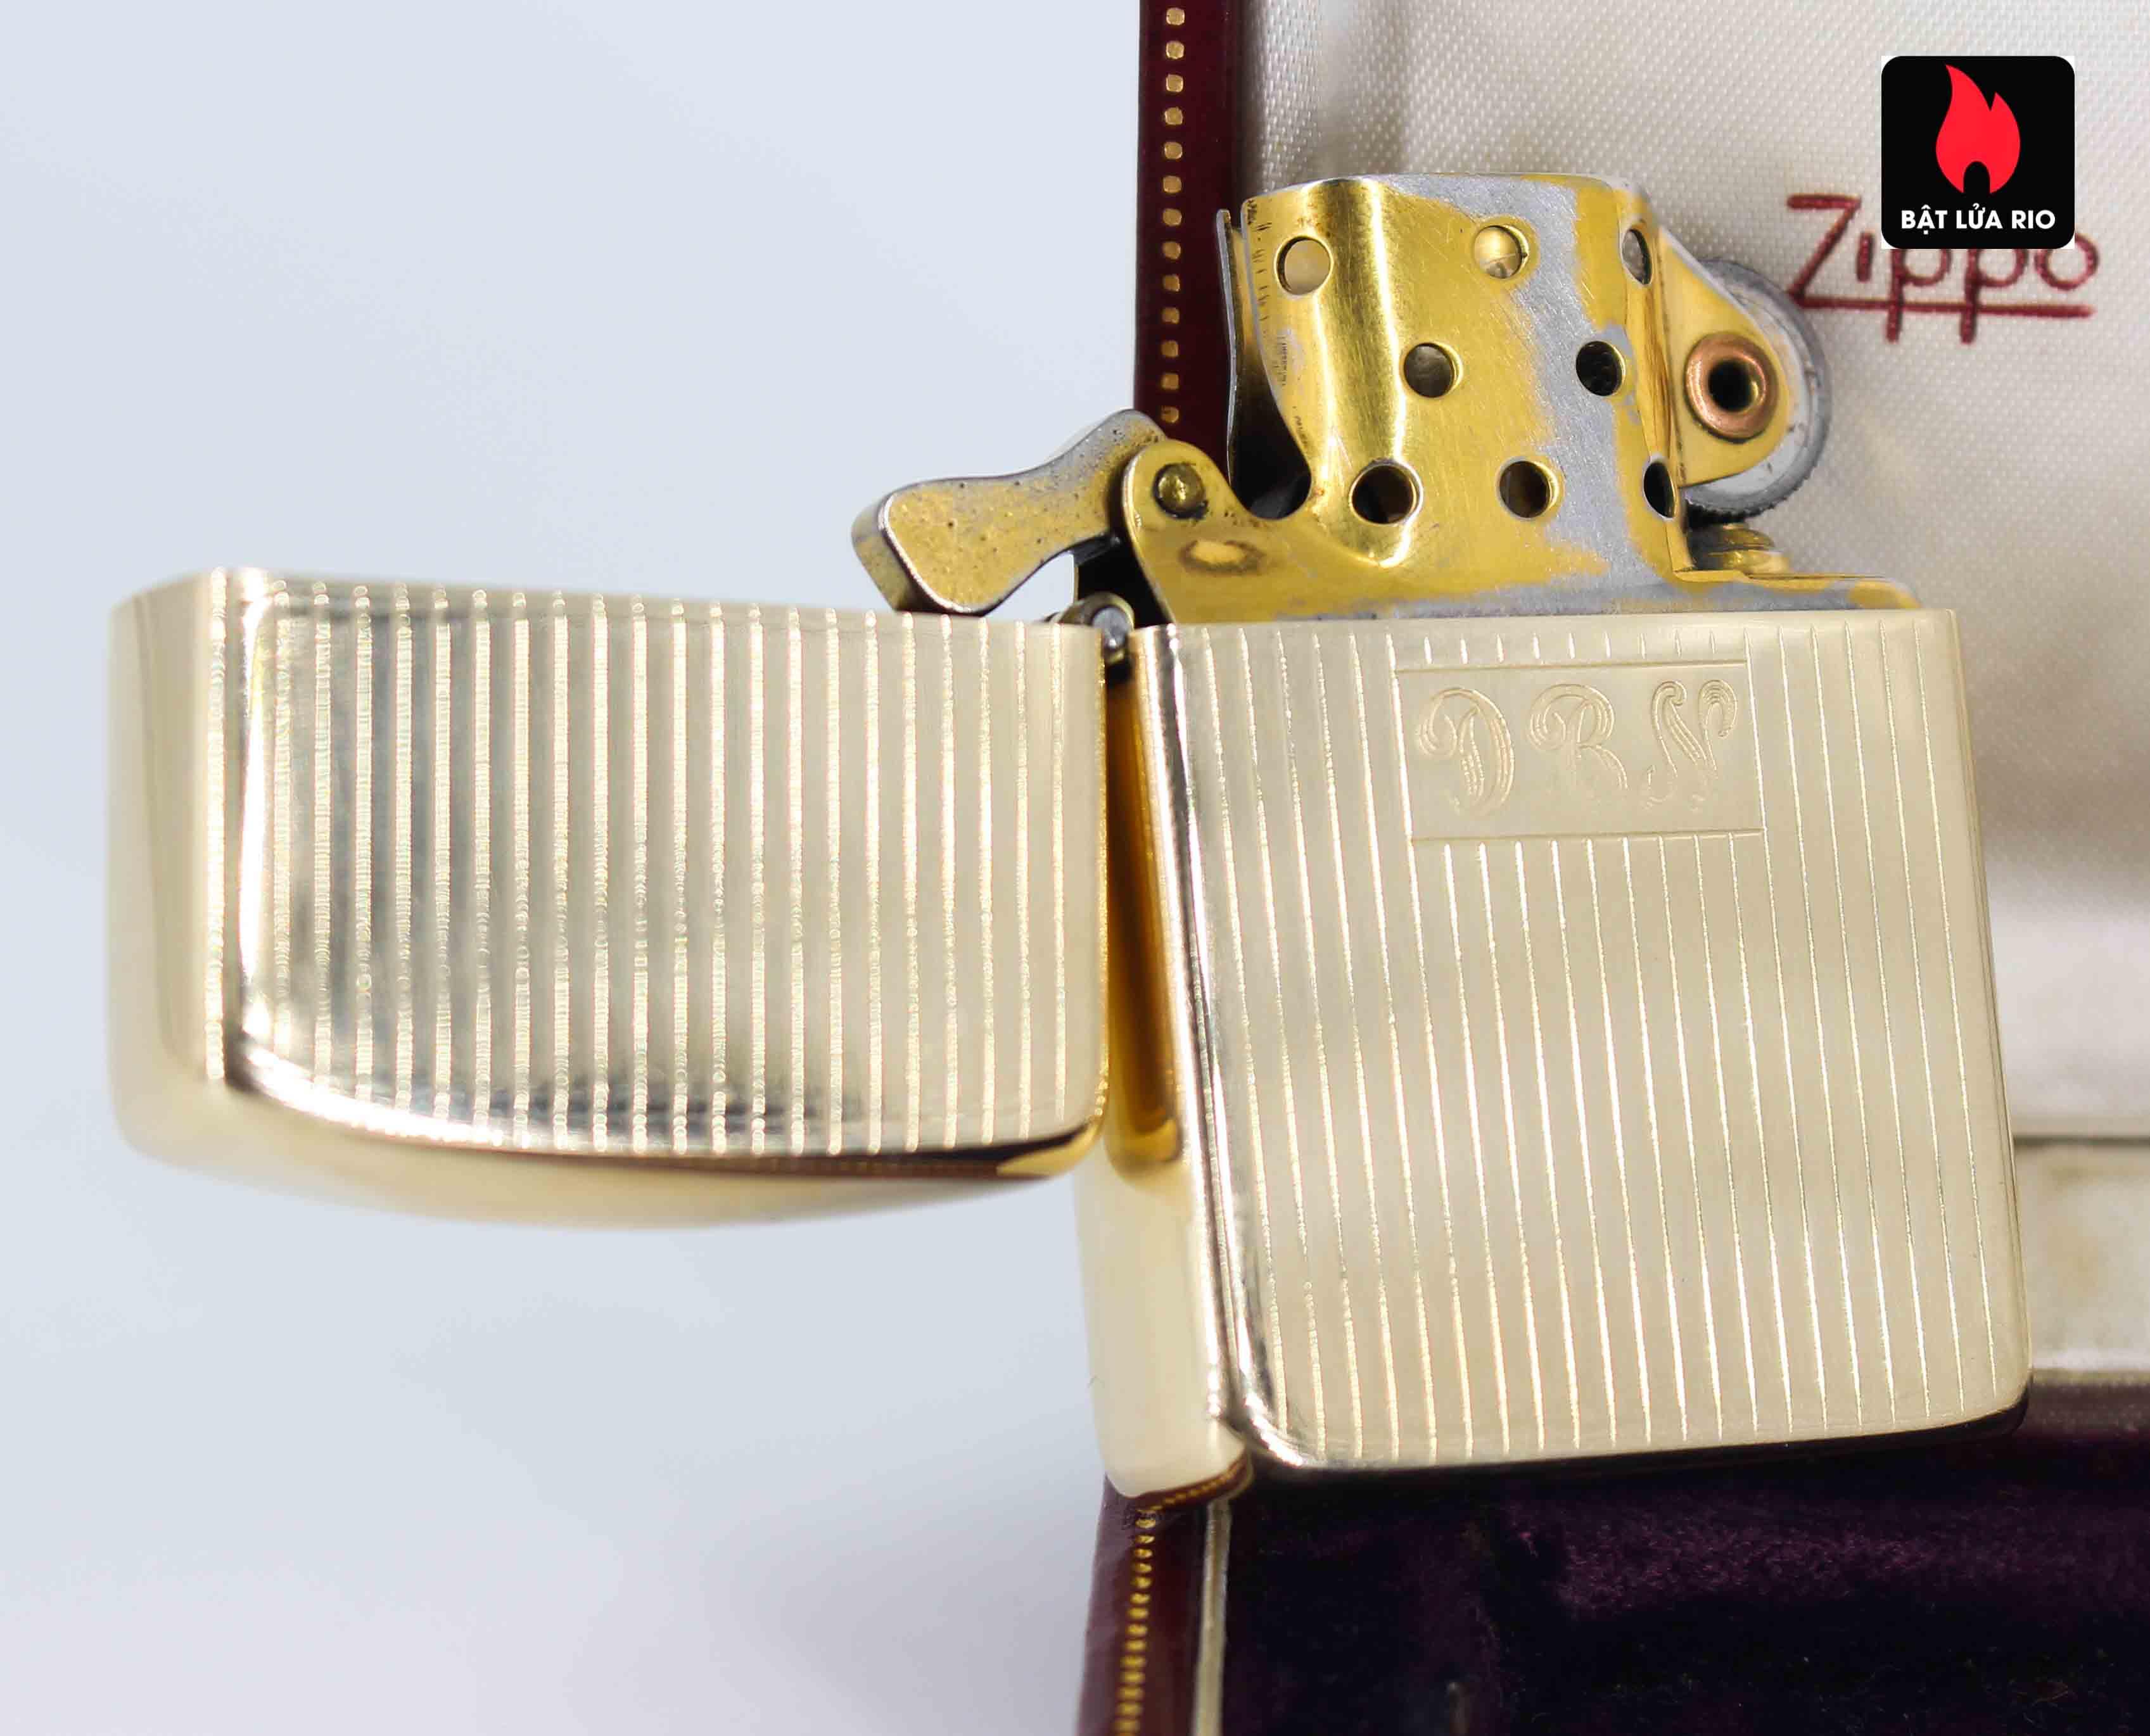 Hiếm - Zippo 1950s - Solid Gold 14k - Vàng Nguyên Khối 14k 11